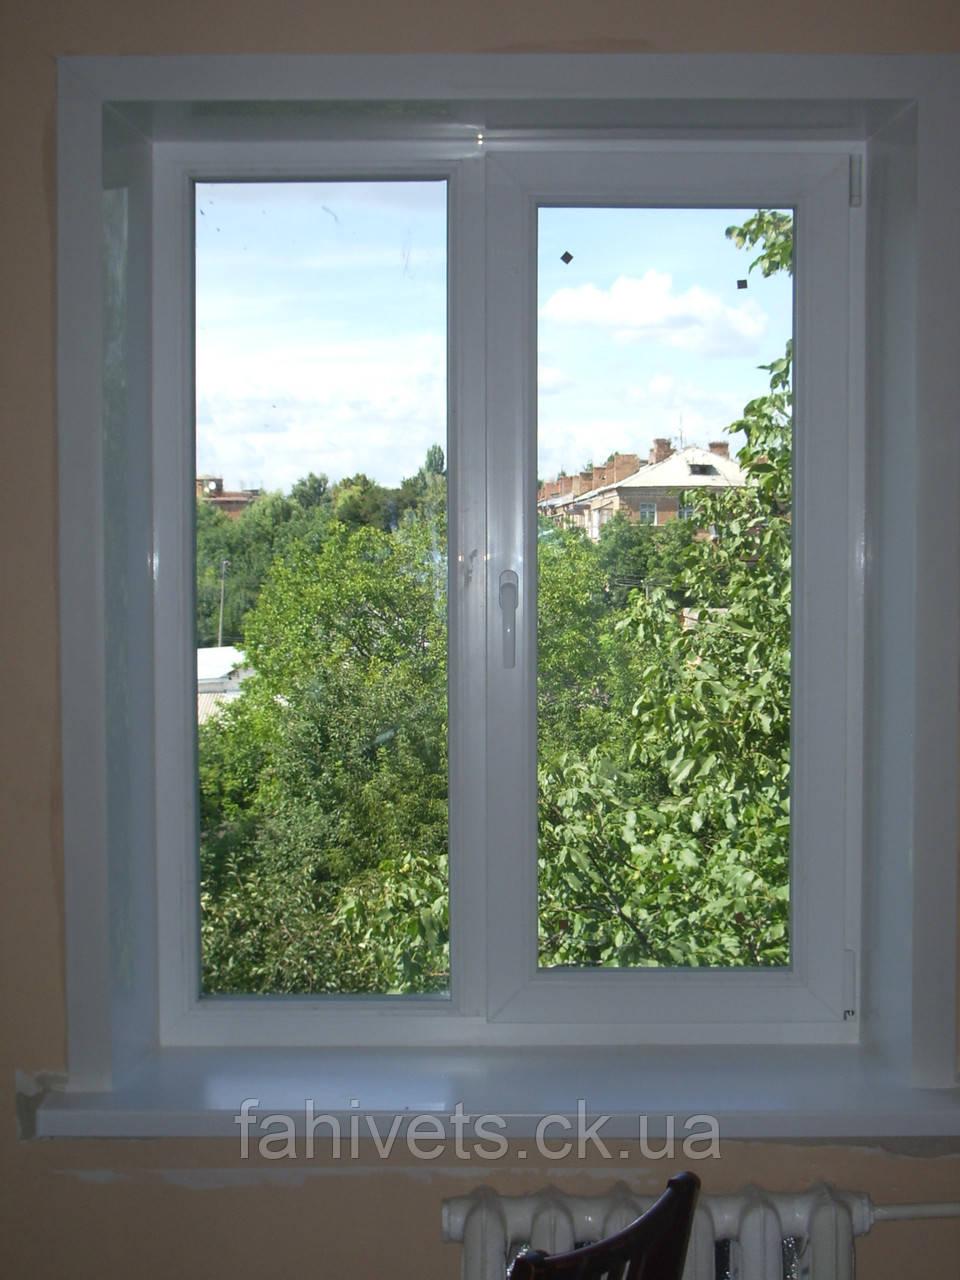 Пластикові (теплі) відкоси на вікна